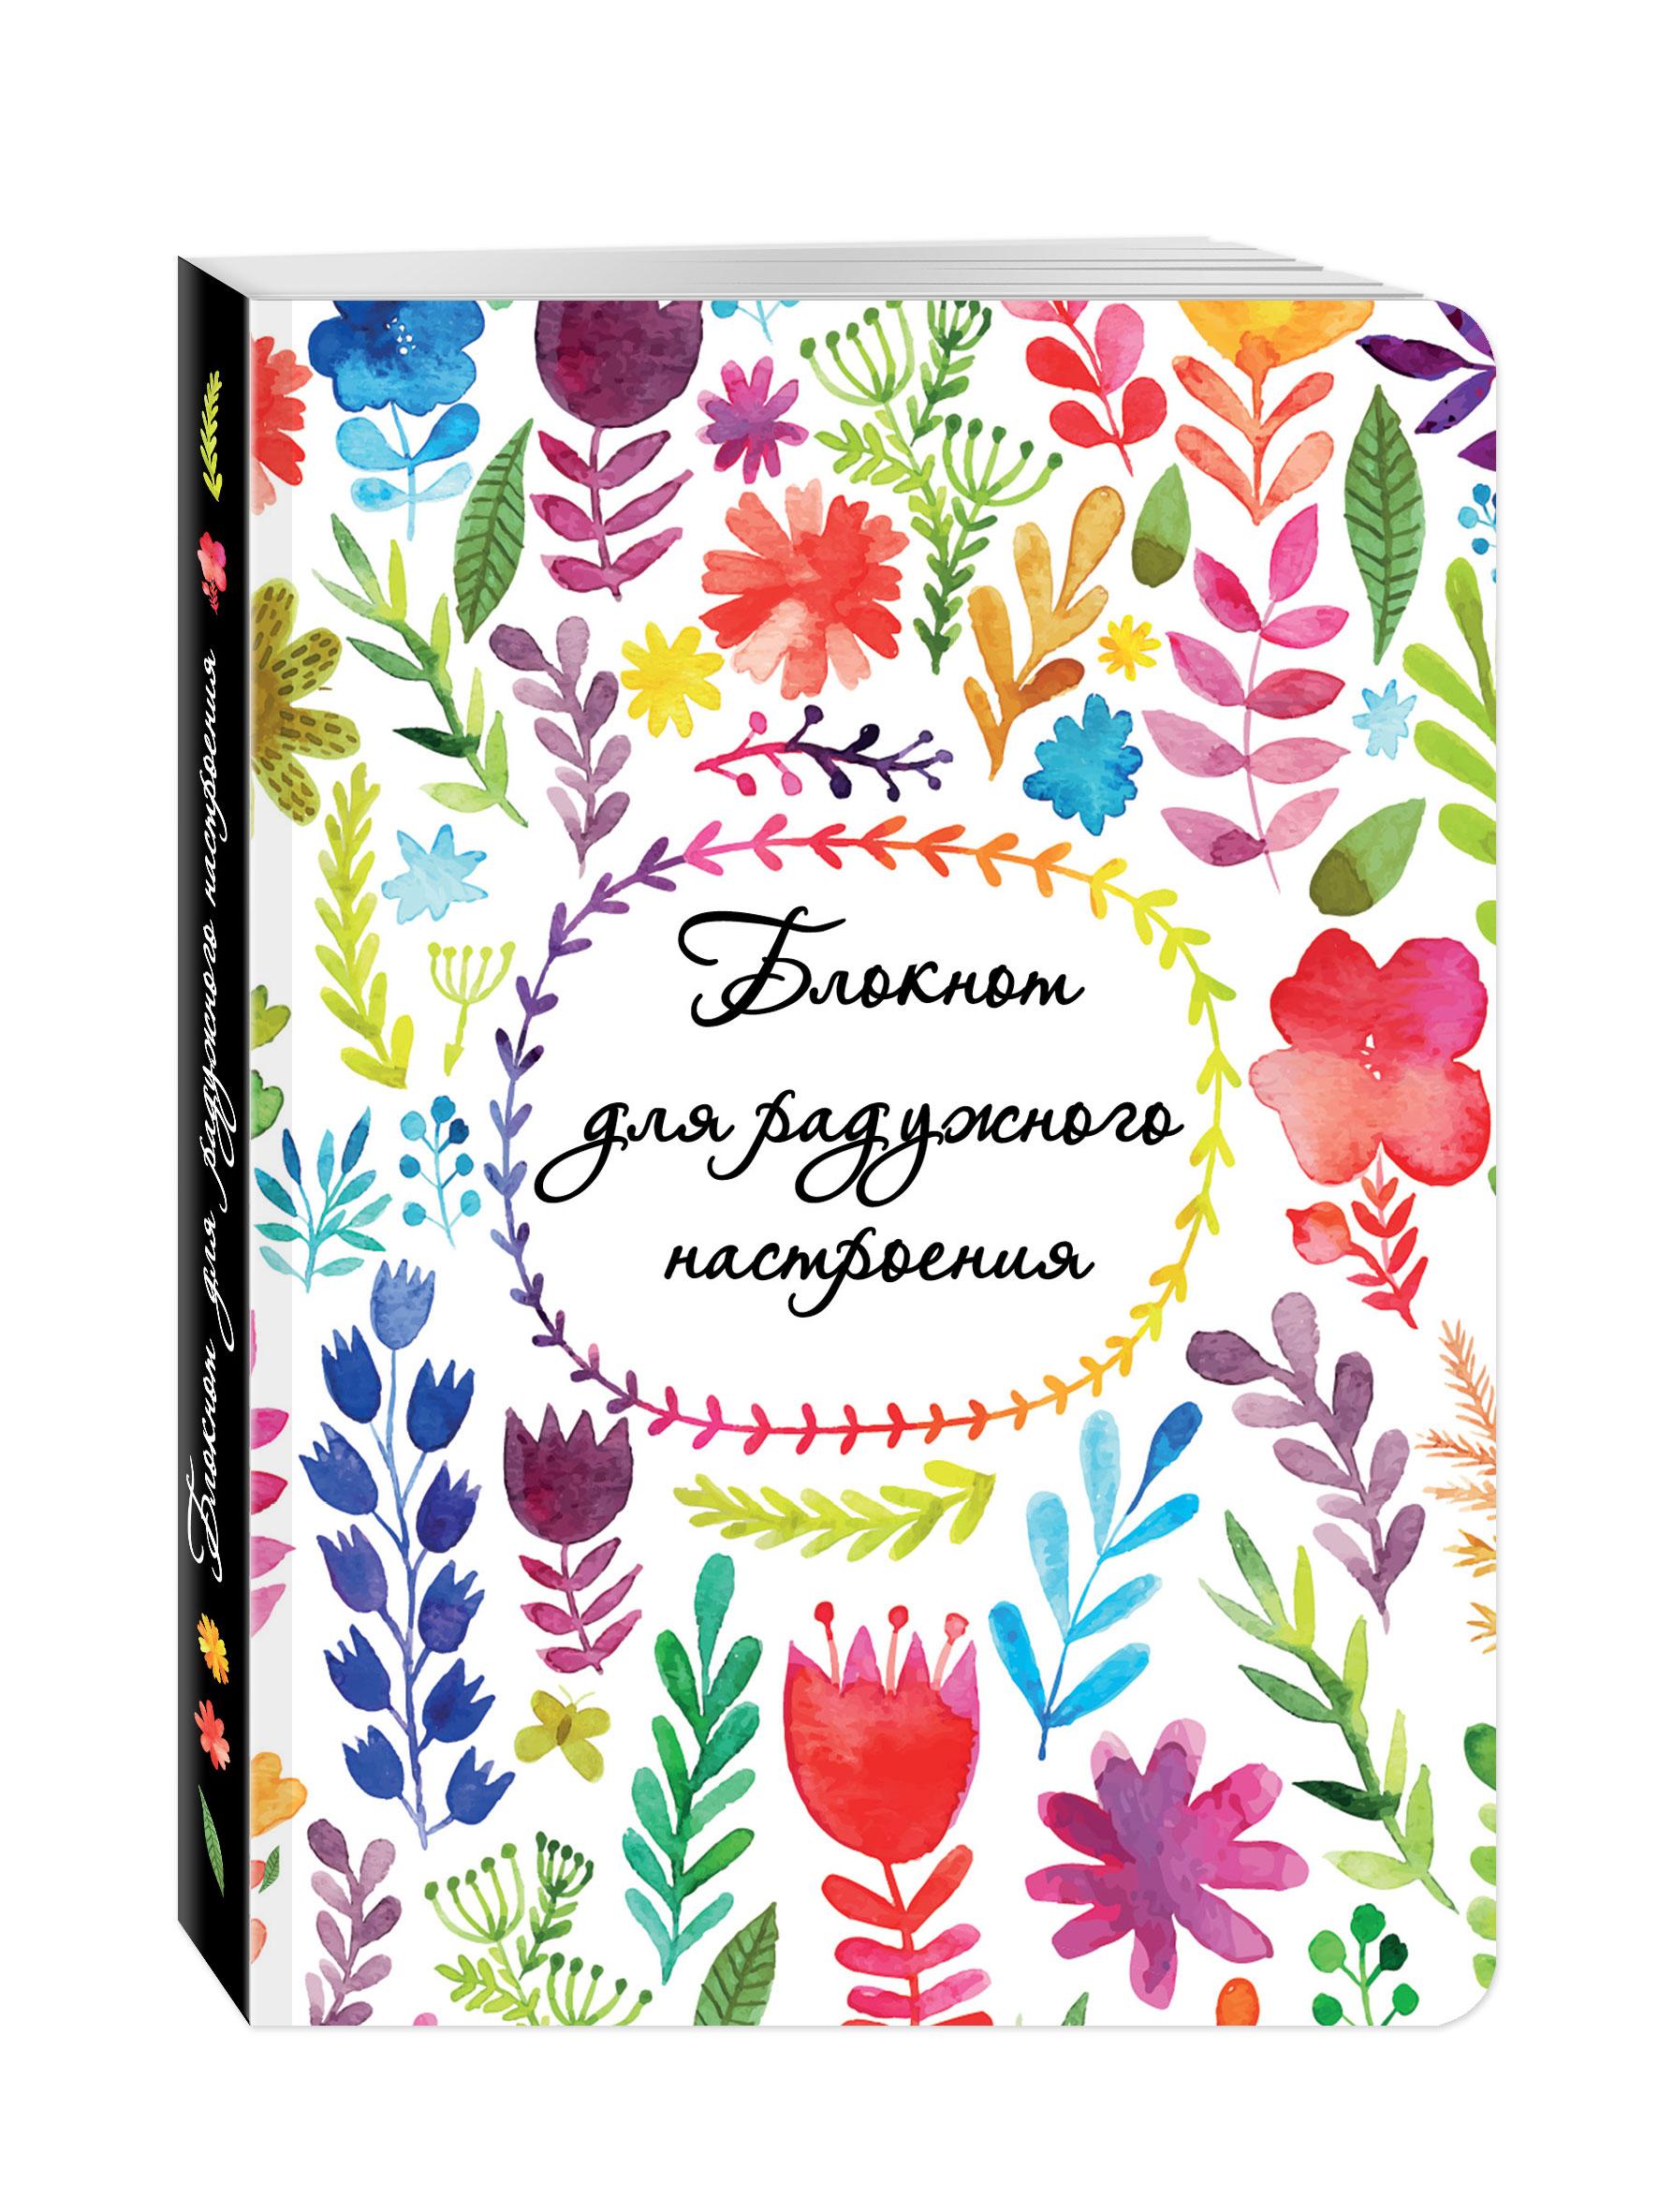 Козловская Ю. Блокнот для радужного настроения